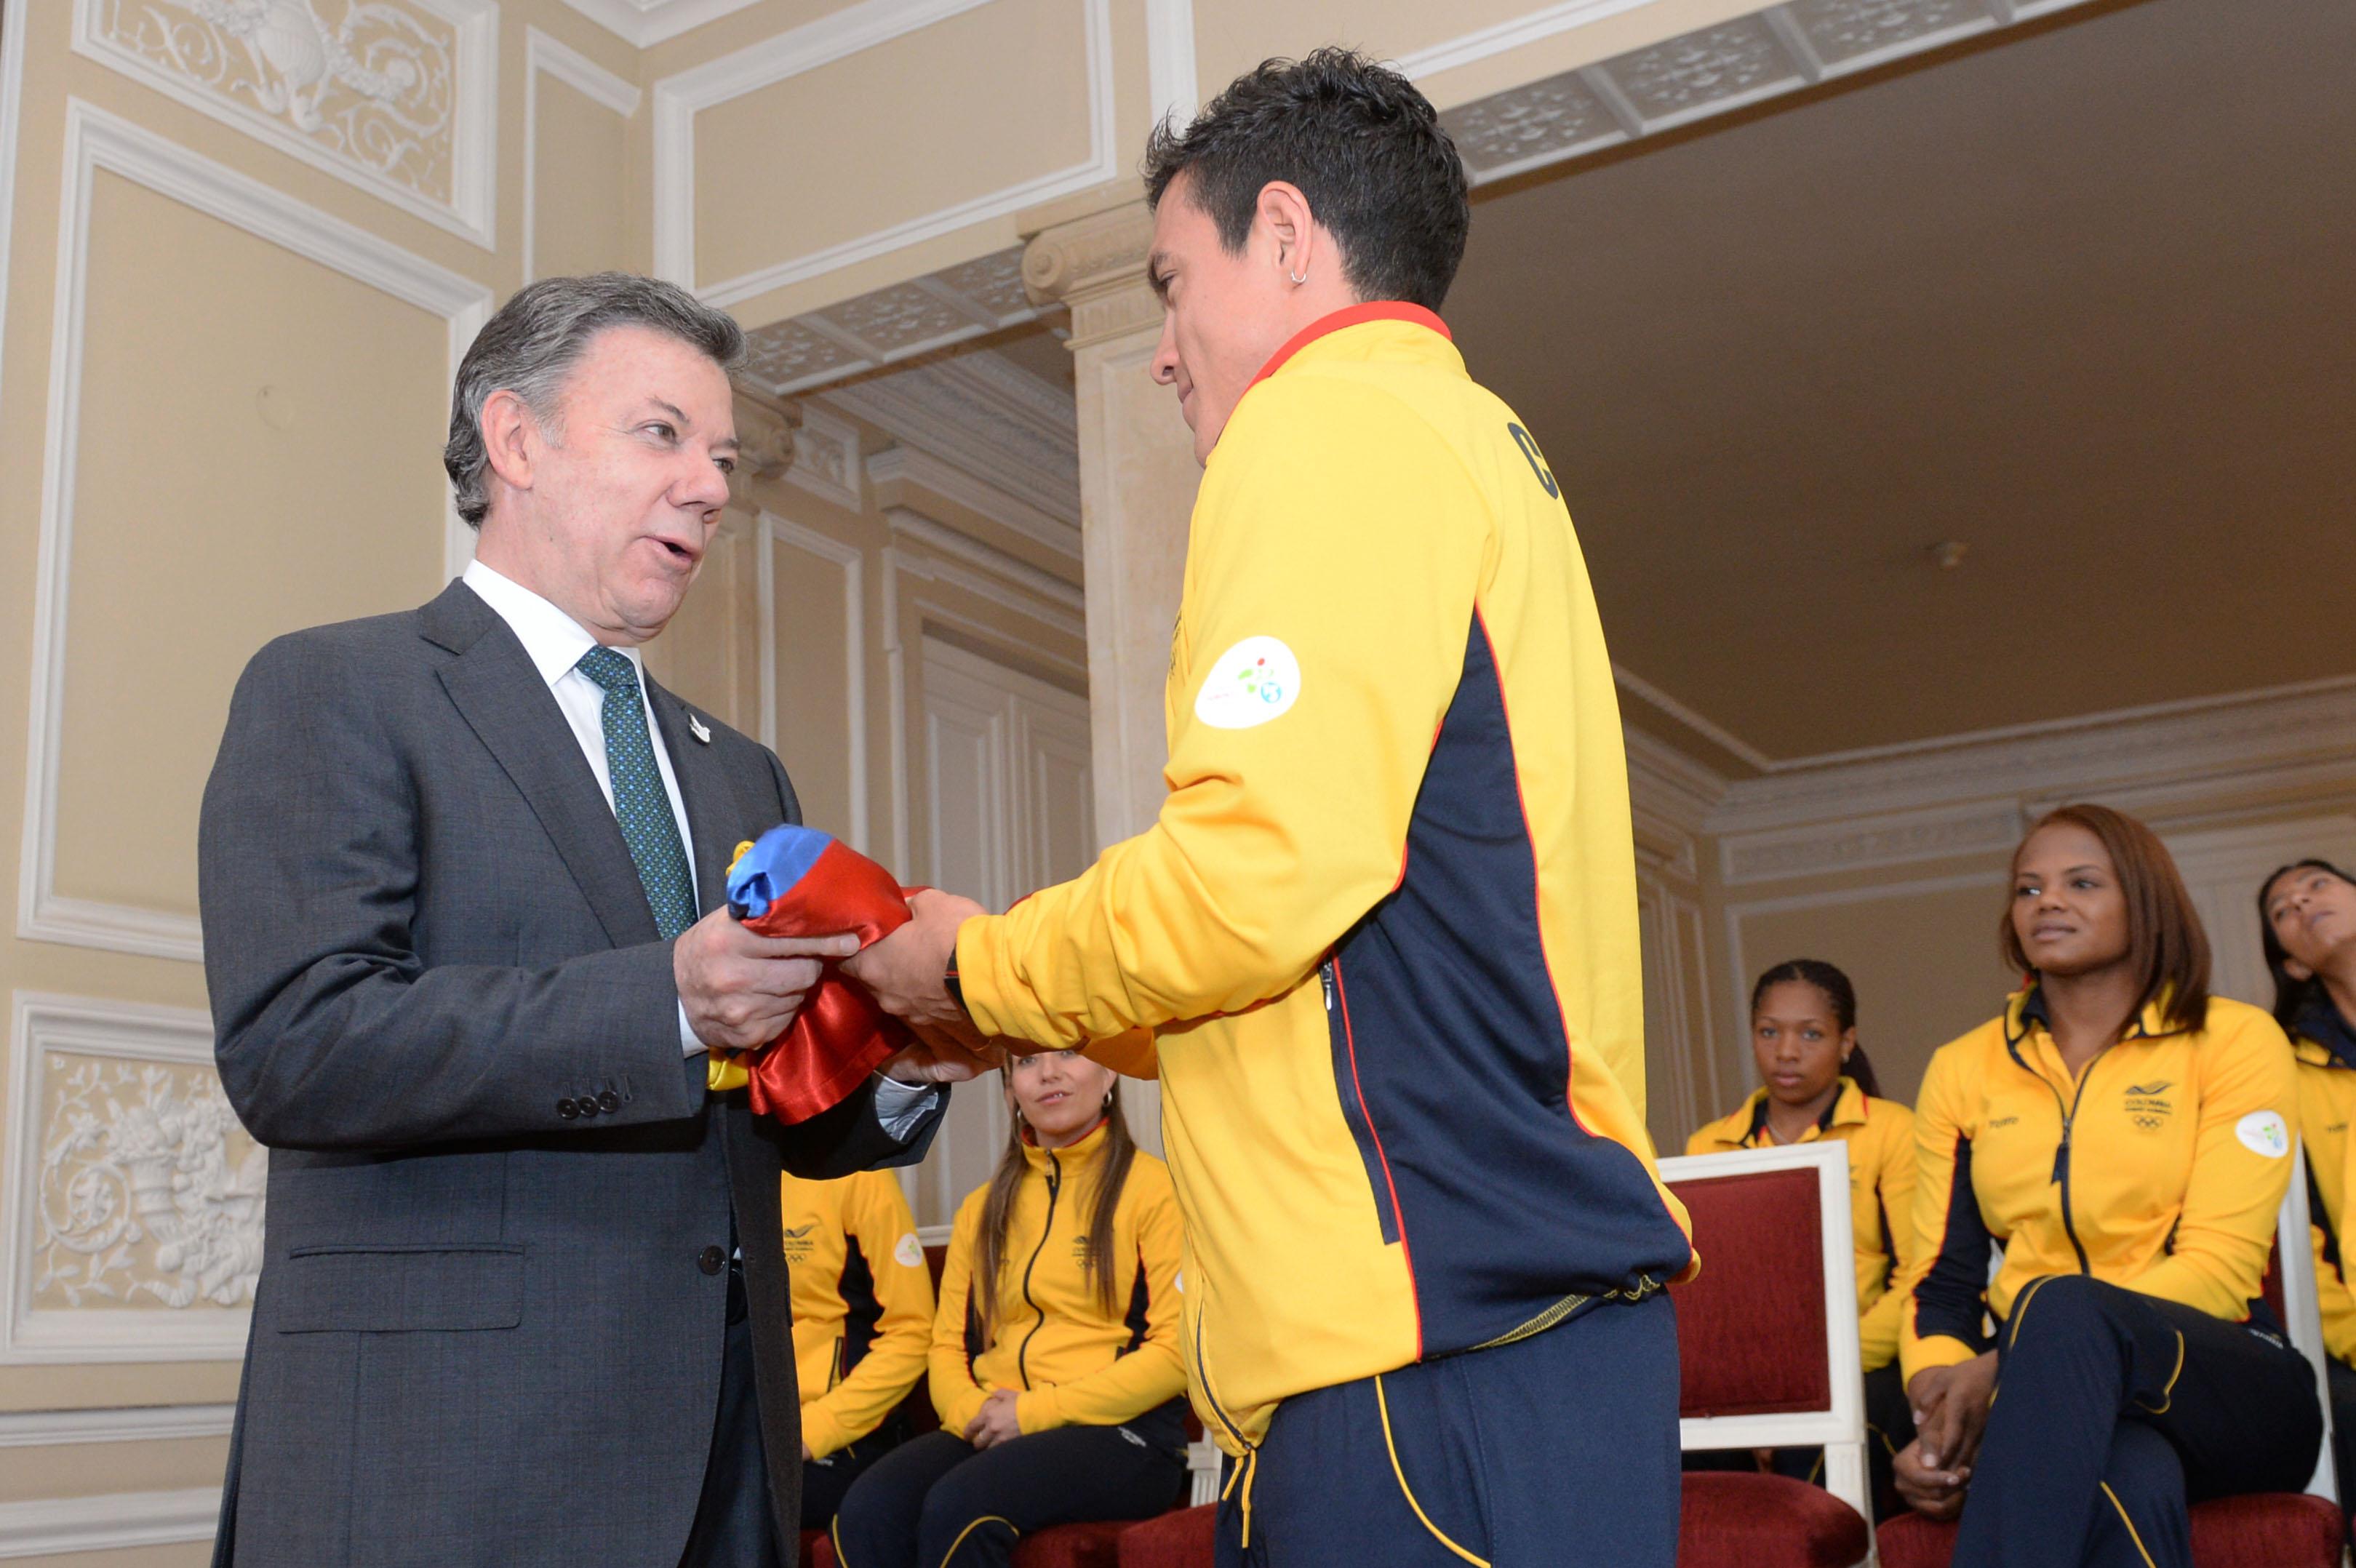 Entrega del Pabellón Nacional a la delegación colombiana que irá a los Juegos Panamericanos en Toronto